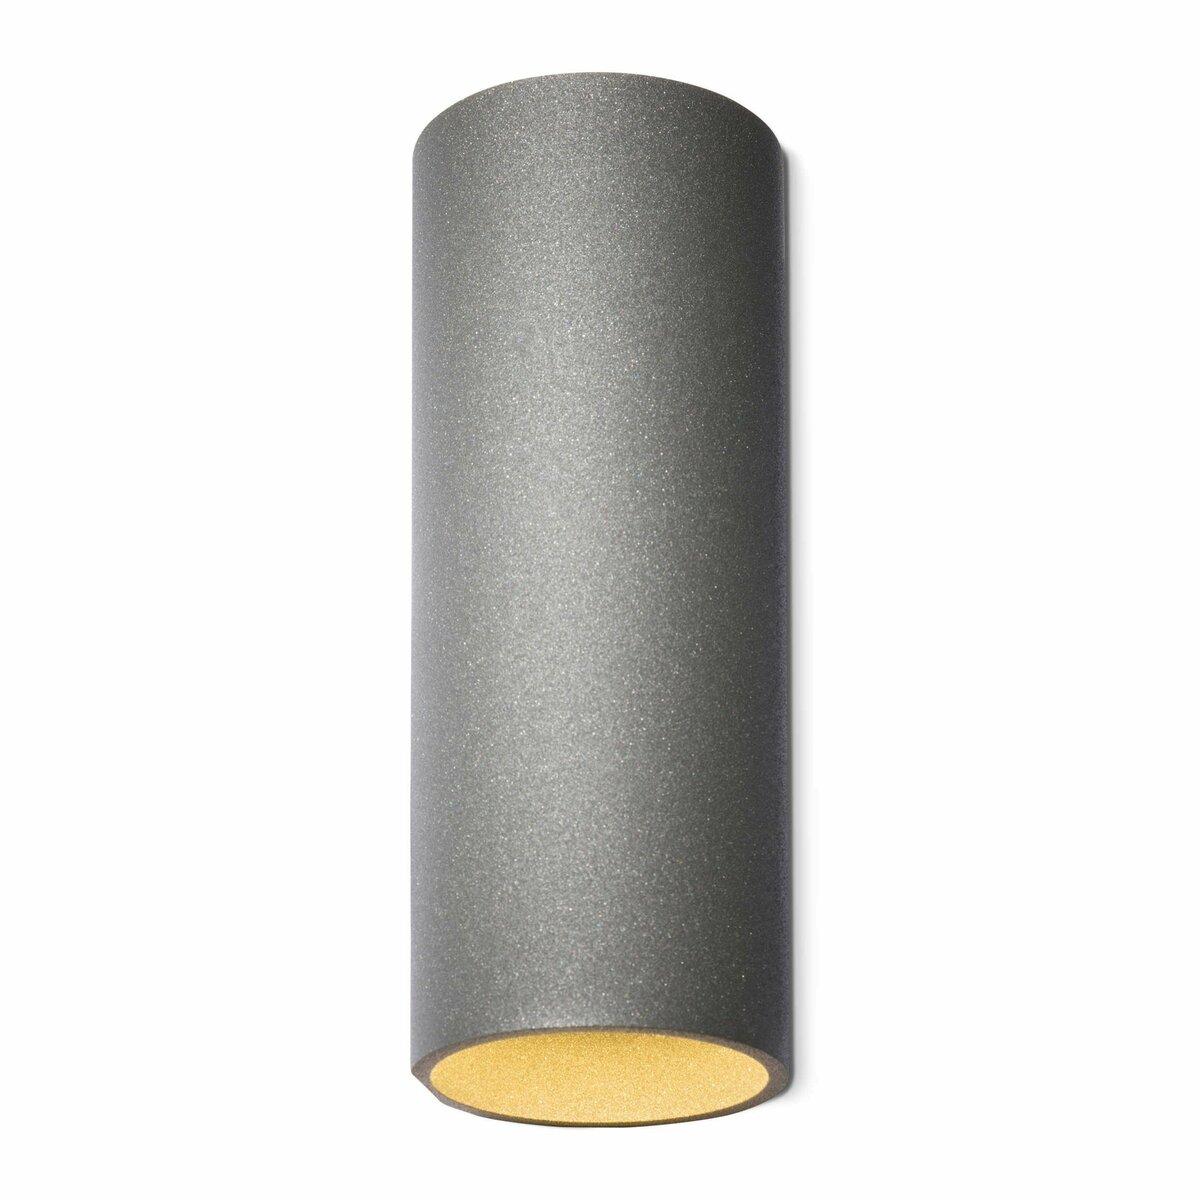 Bild 1 von Helestra LED-Außenwandleuchte   Swift